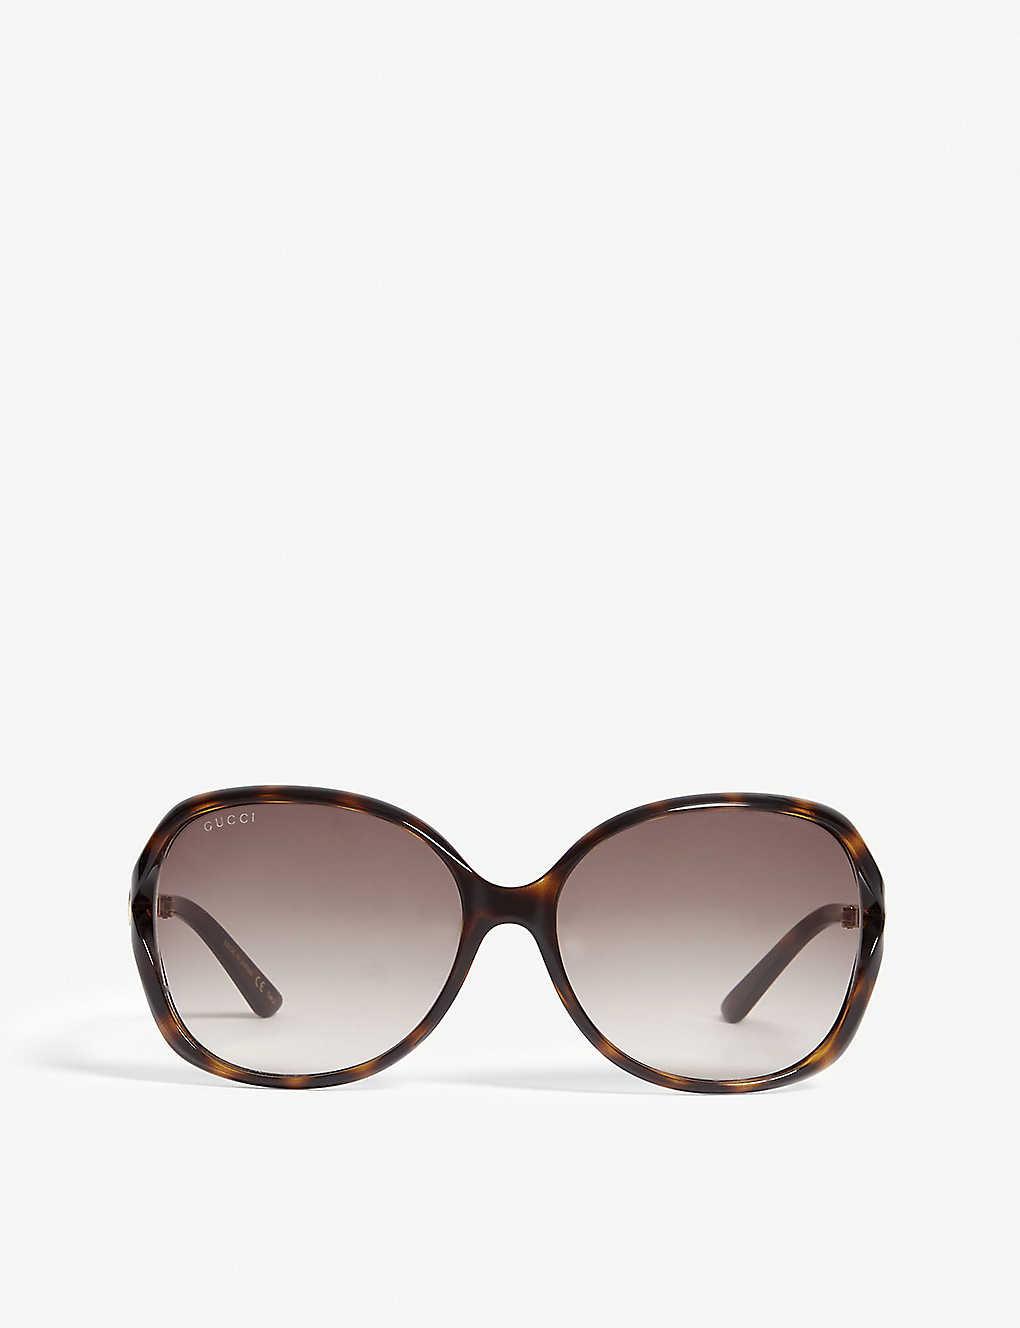 0059dad7977db GG0076S tortoiseshell round sunglasses - Tortoise ...